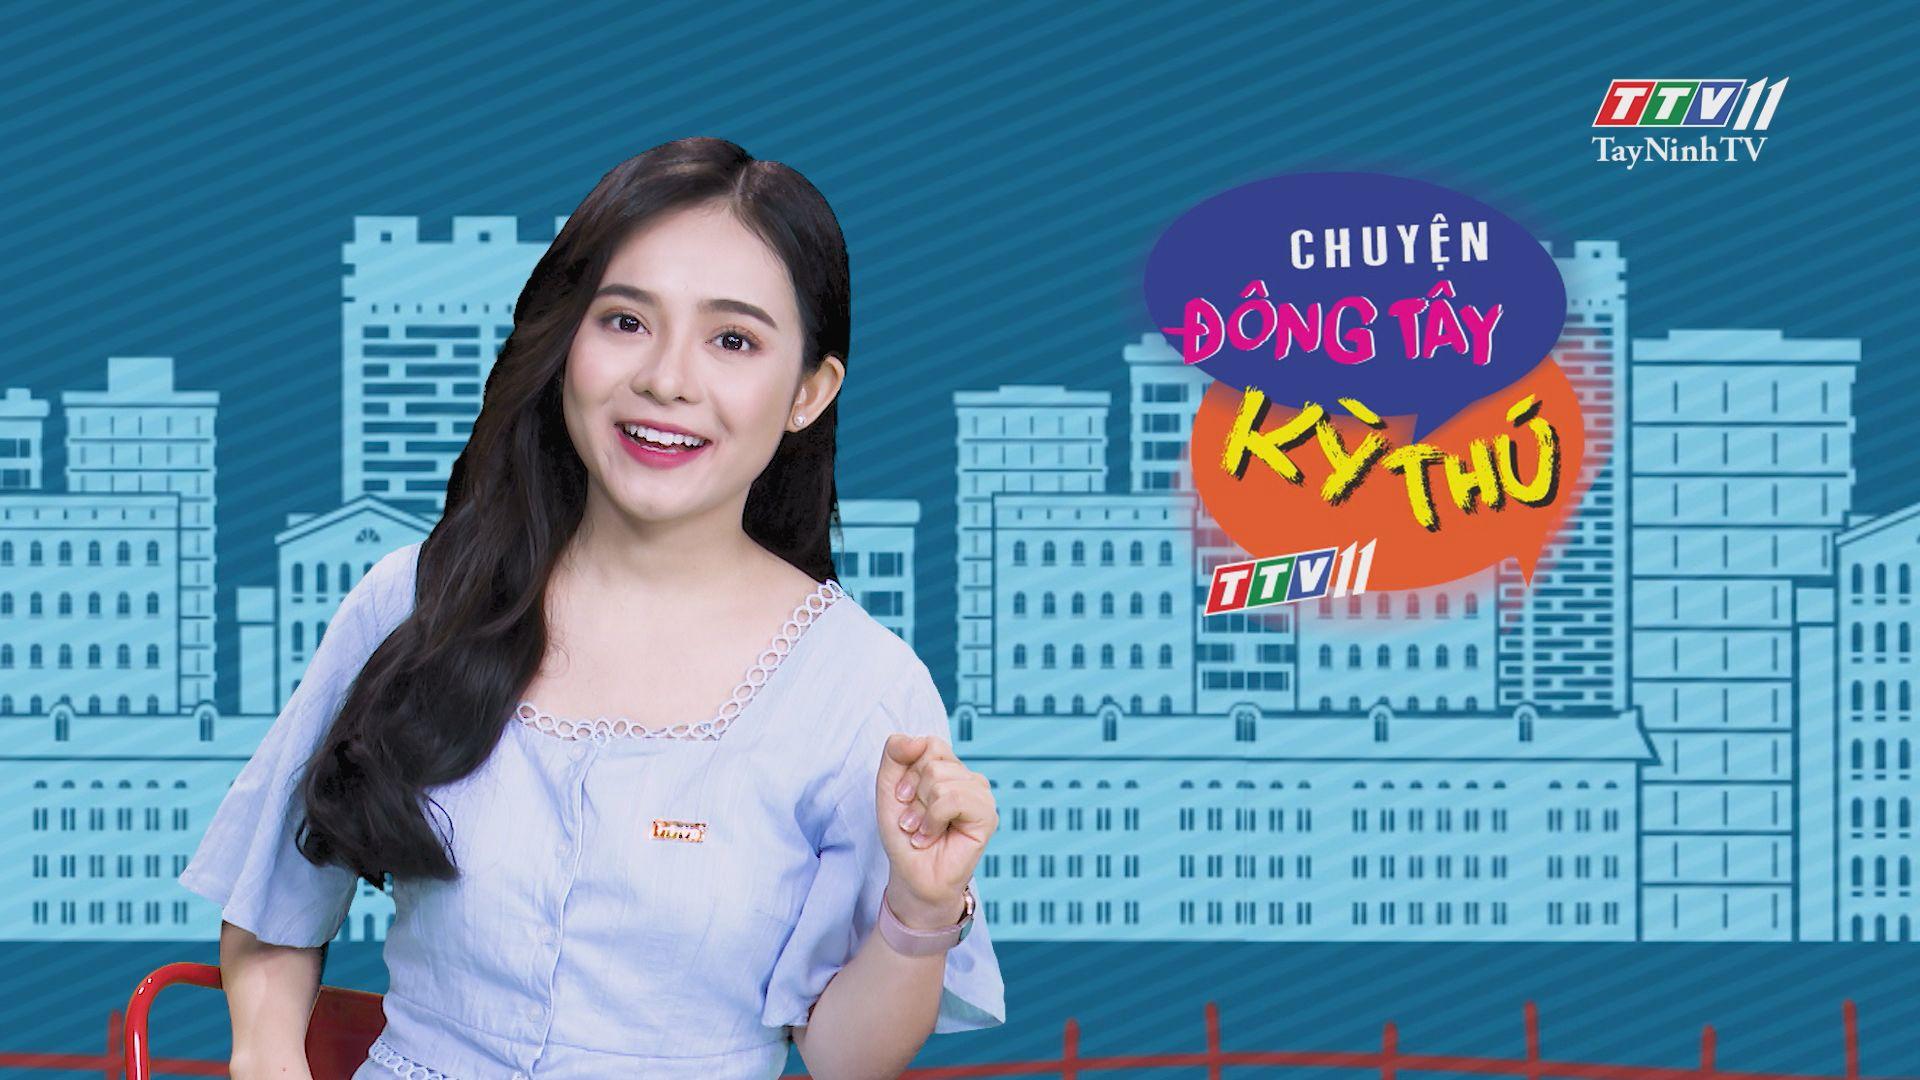 Chuyện Đông Tây Kỳ Thú 13-7-2020 | TayNinhTV